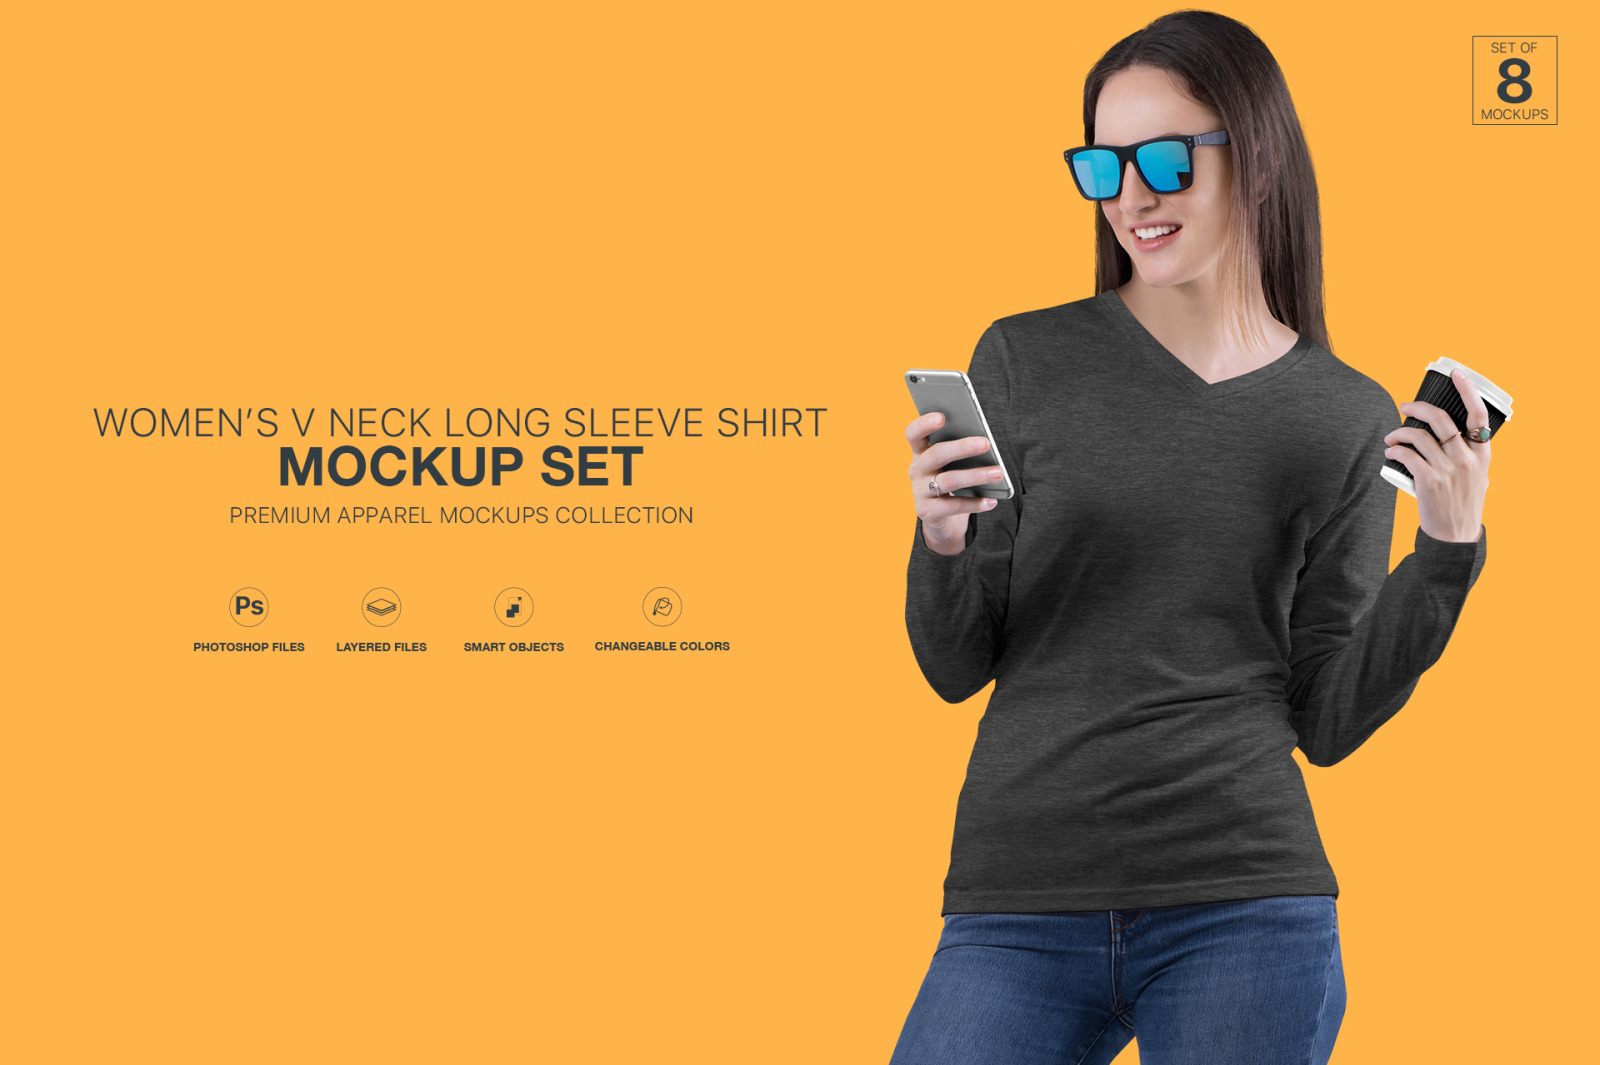 Women S V Neck Long Sleeve Shirt Mockup Set In Apparel Mockups